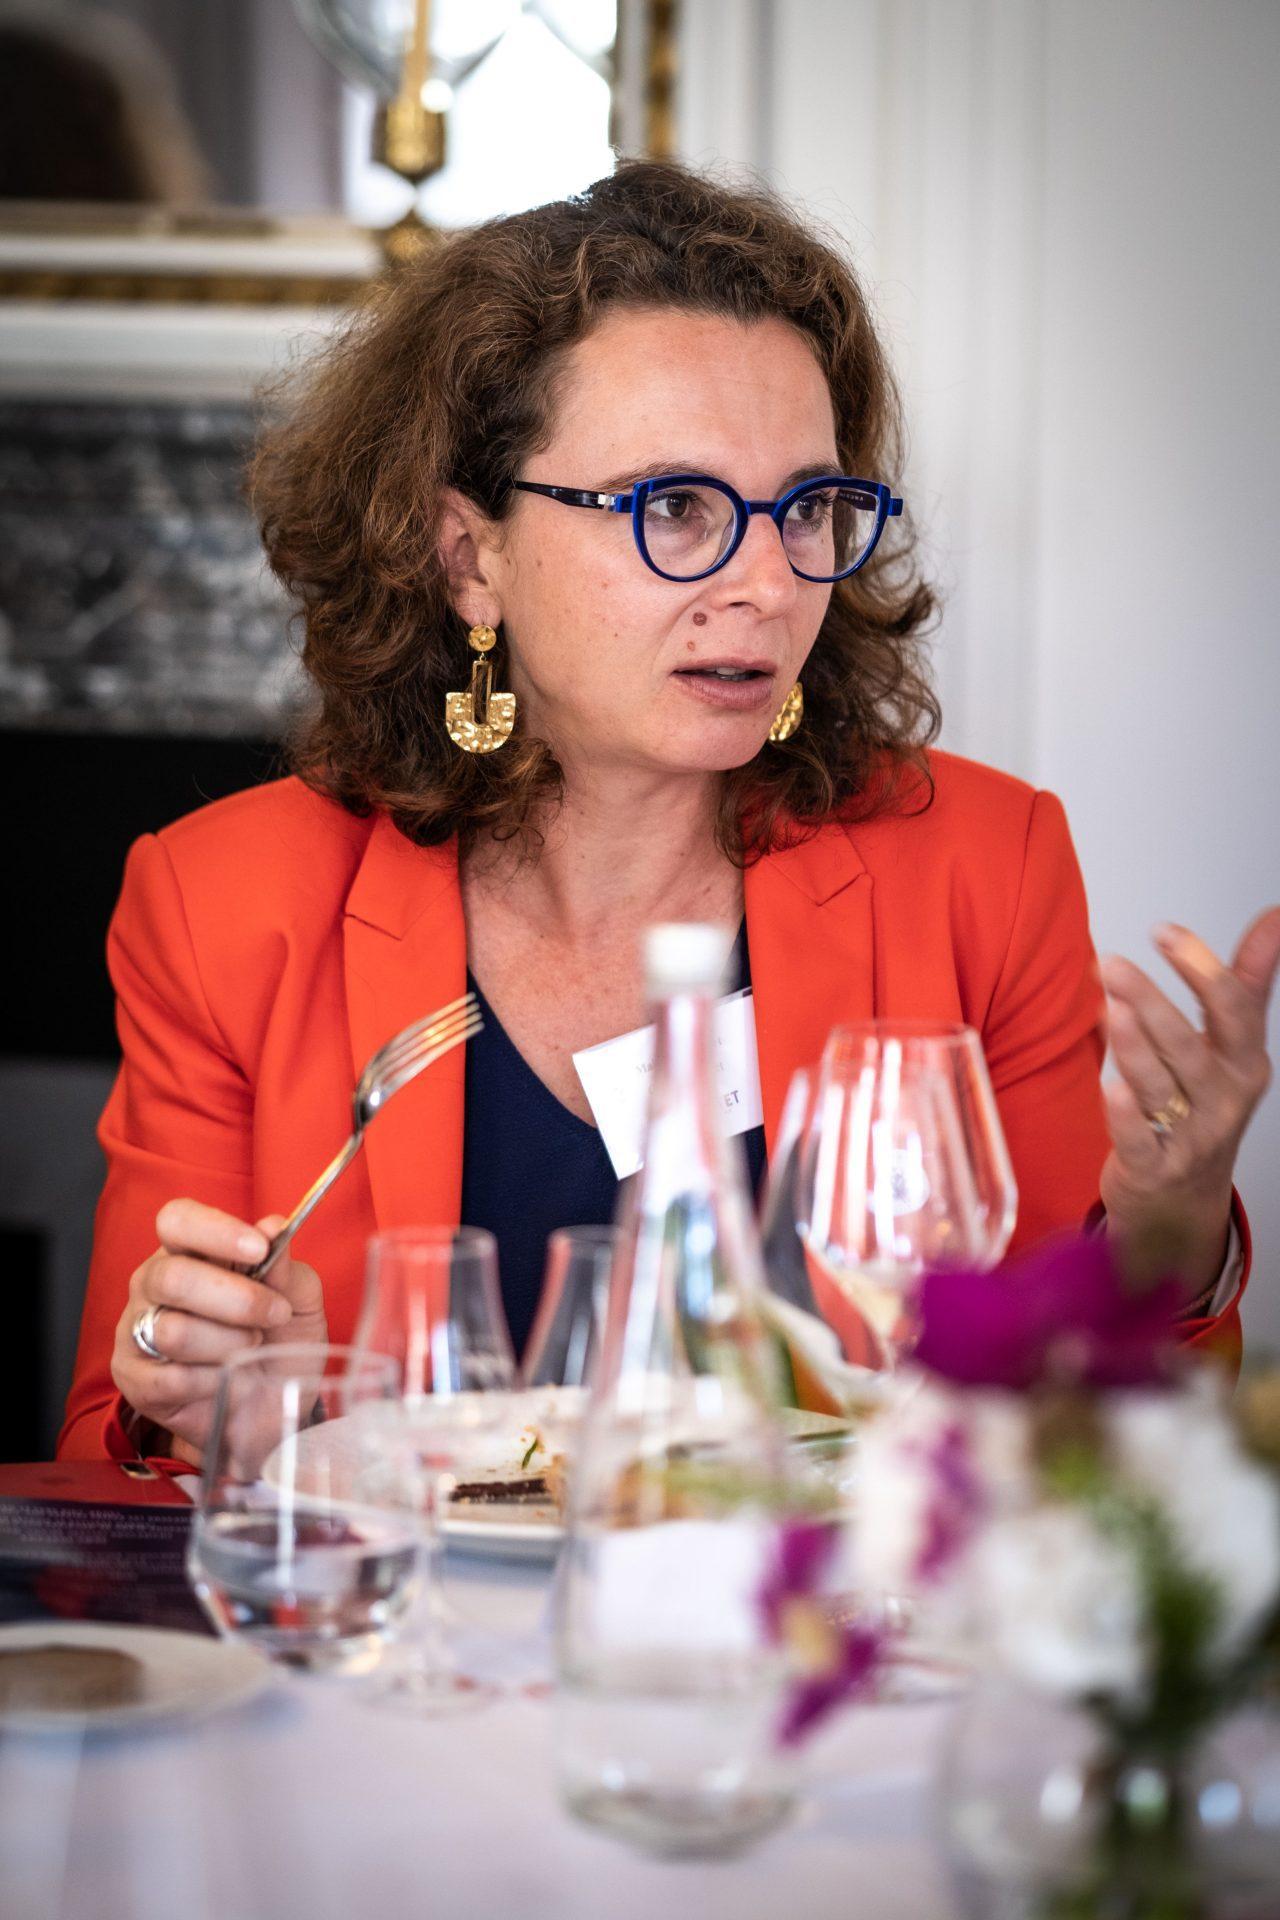 Claire Briottet_Maisons et savoir-faire d'excellence_Kevin Bodin©